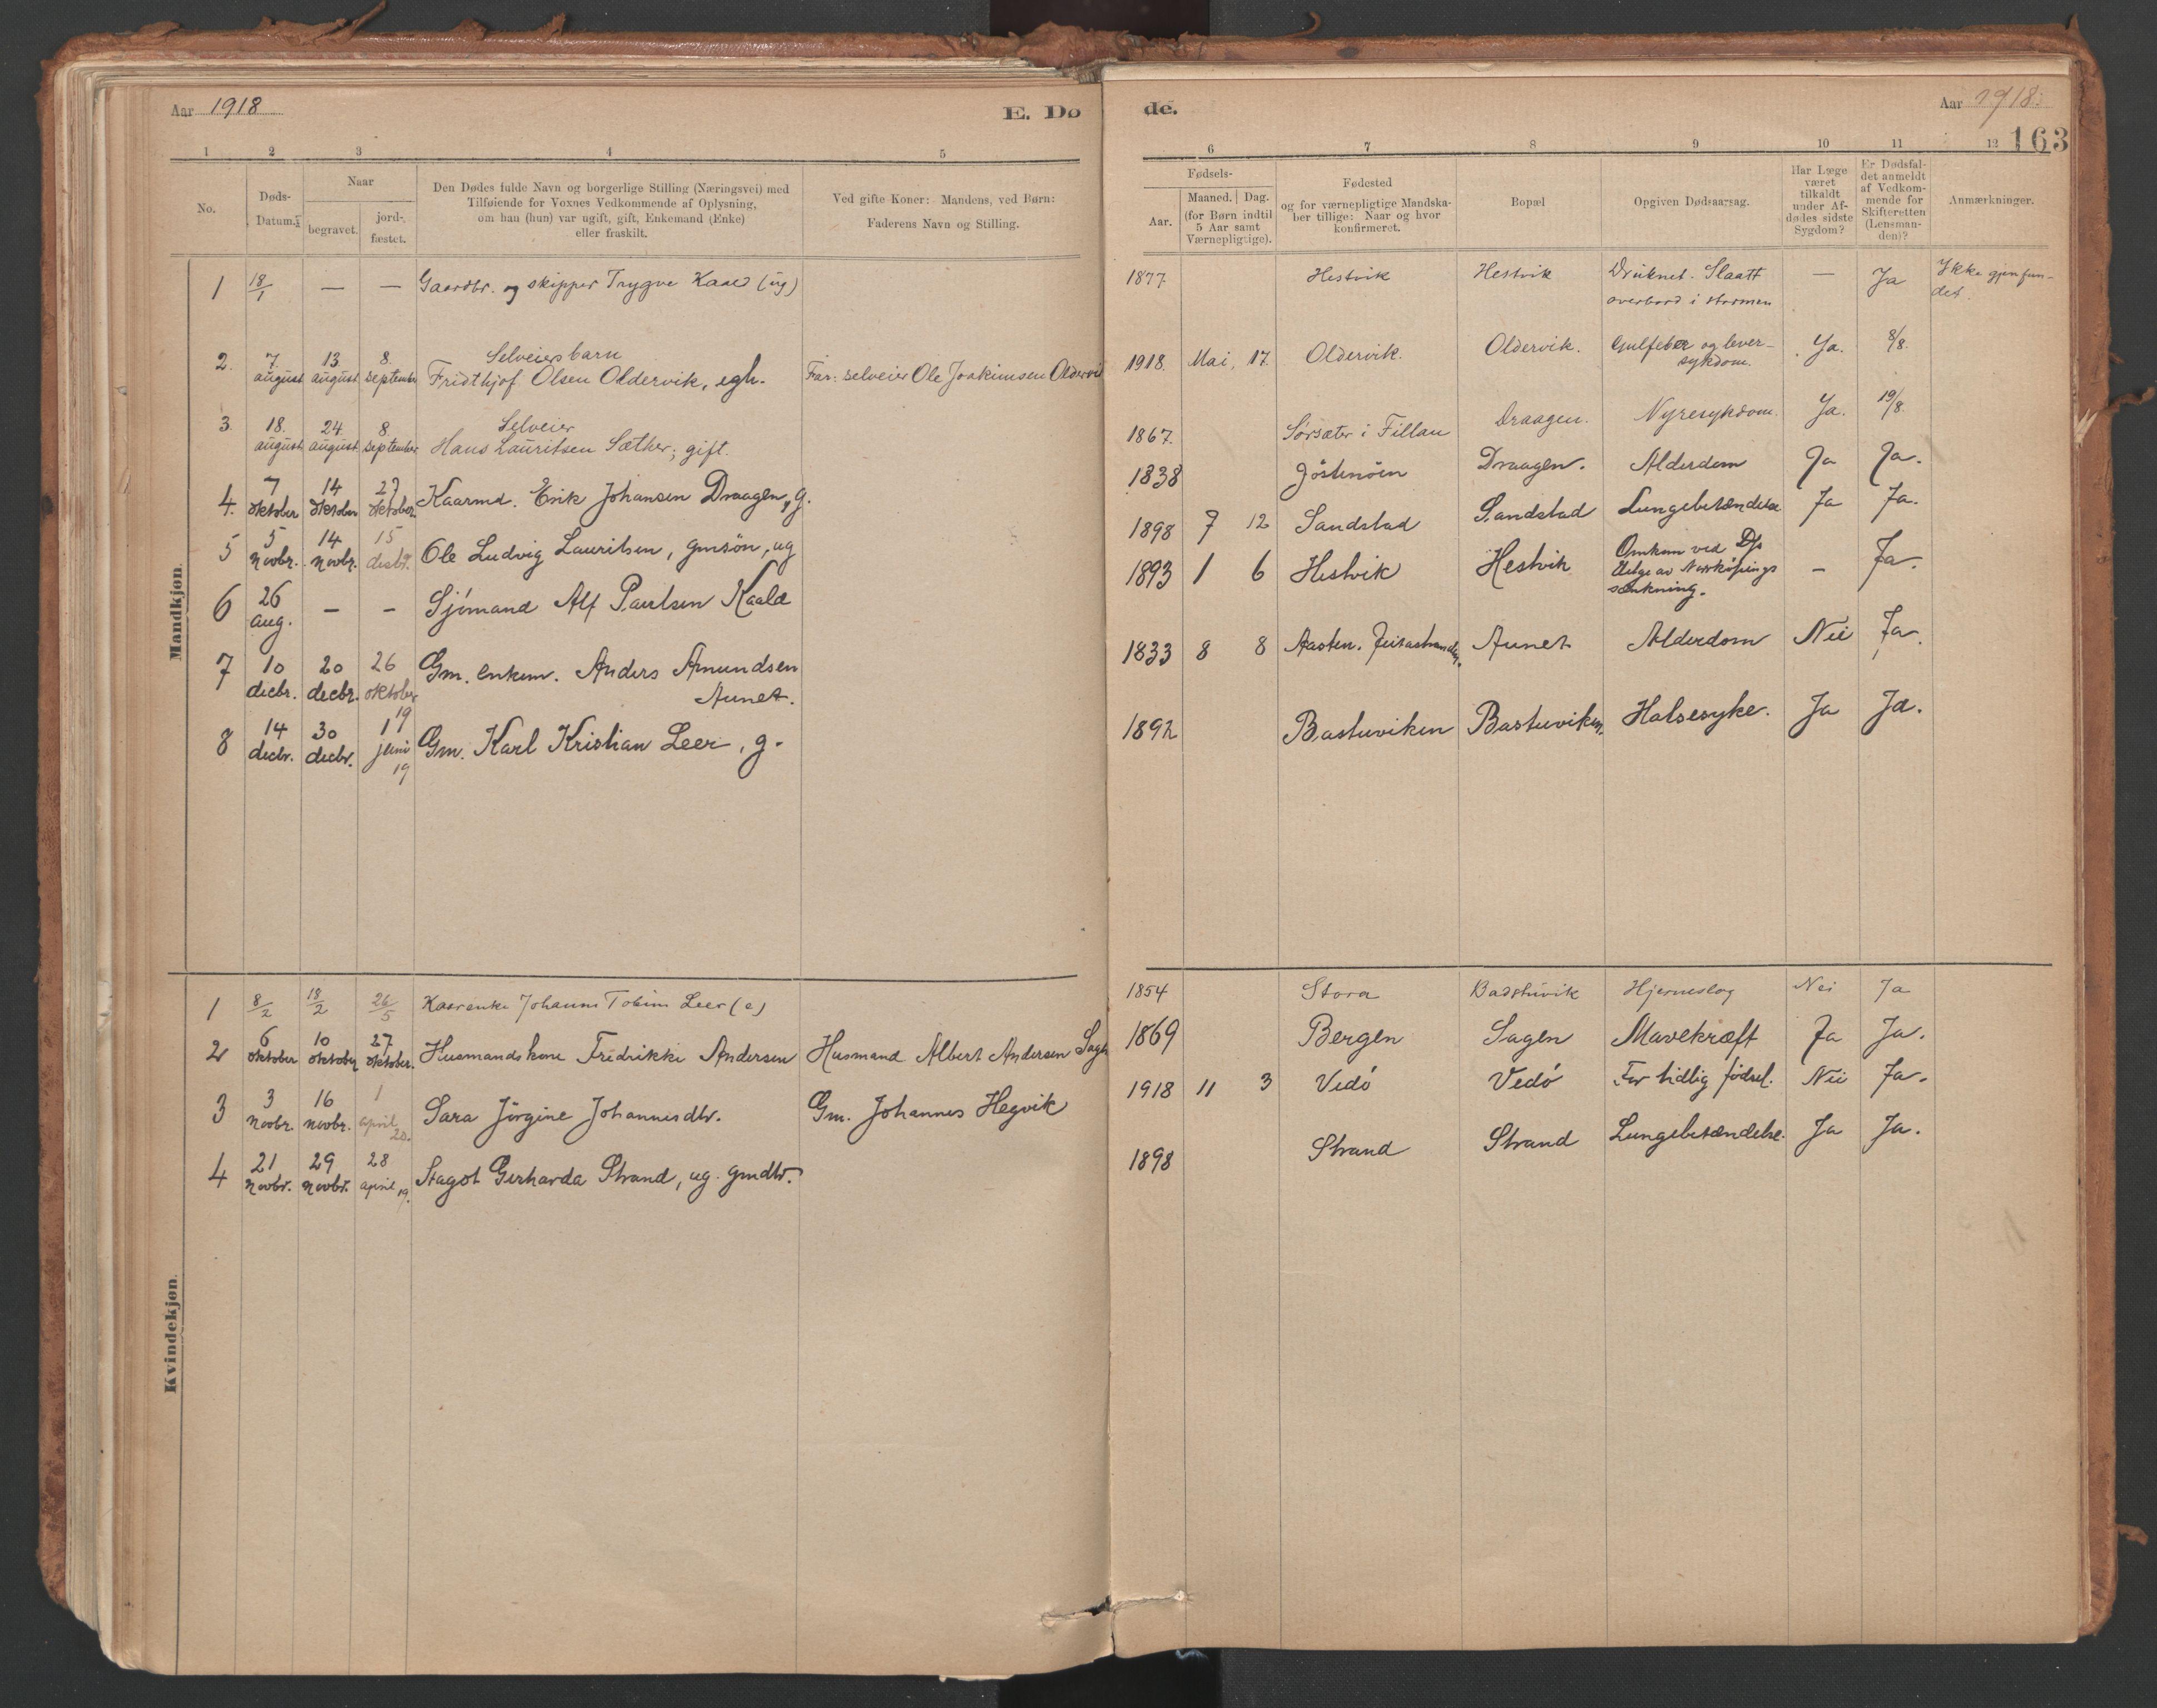 SAT, Ministerialprotokoller, klokkerbøker og fødselsregistre - Sør-Trøndelag, 639/L0572: Ministerialbok nr. 639A01, 1890-1920, s. 163